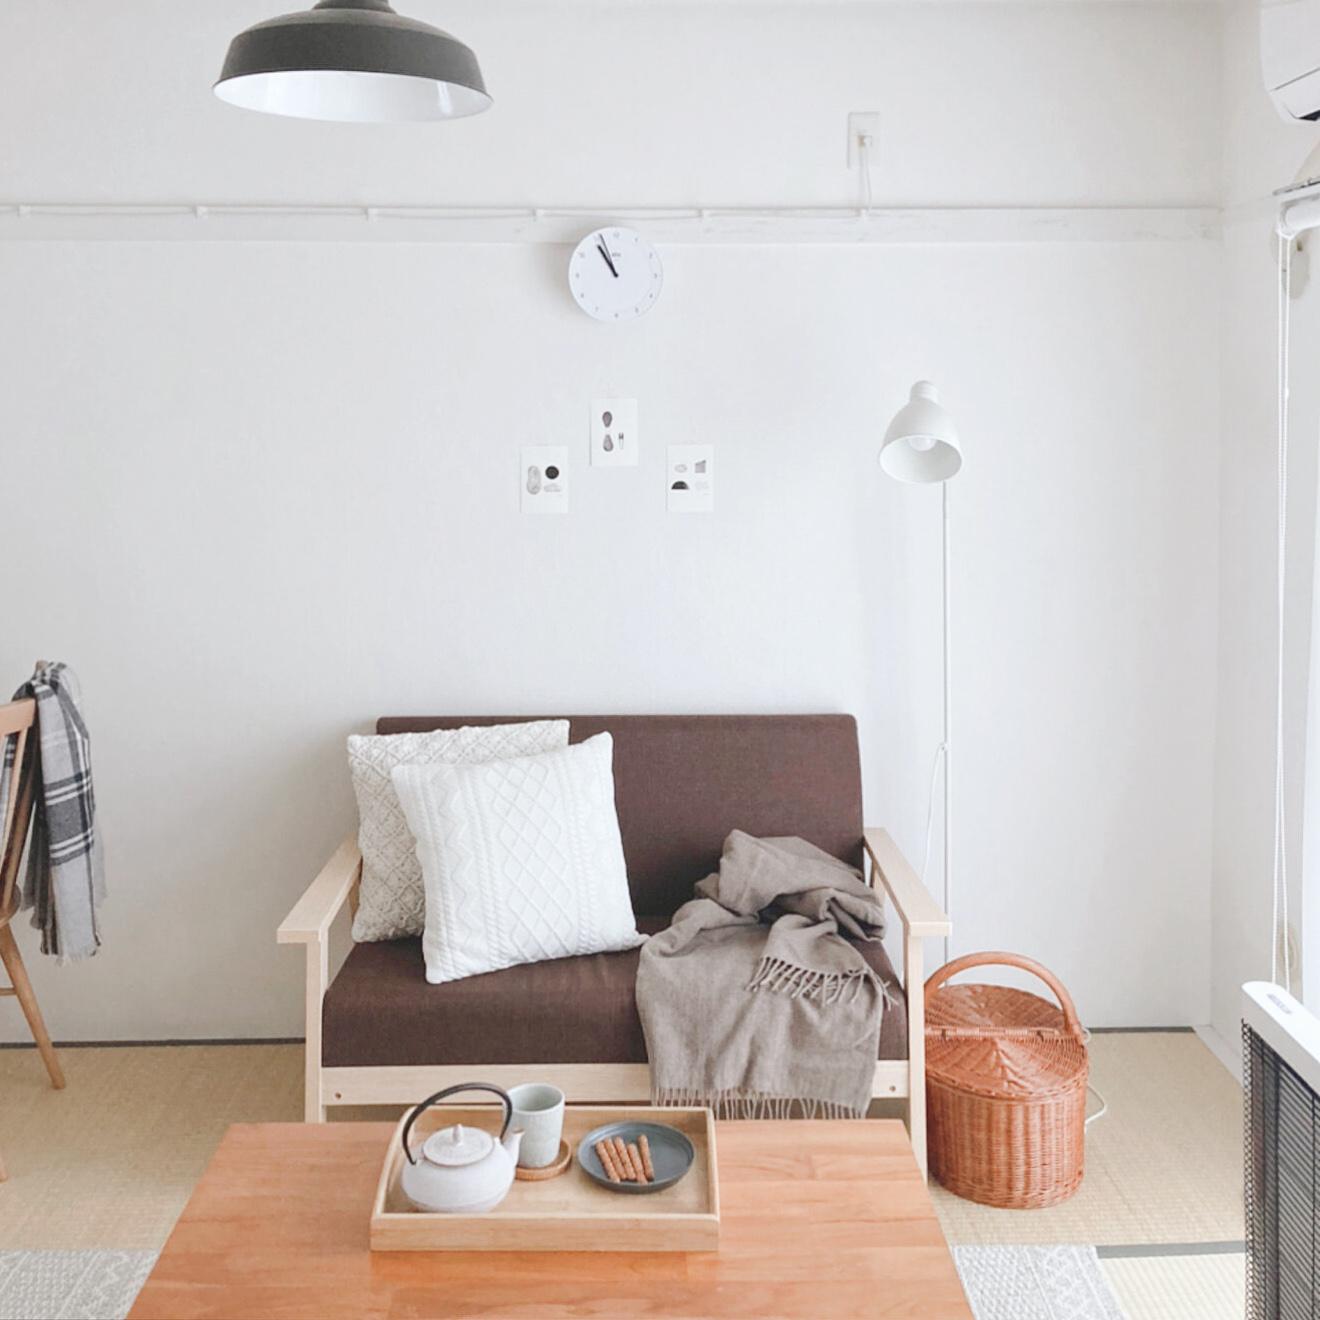 木のフレームで、落ち着いたブラウンカラーのソファ。こうしてみると、畳のお部屋にとてもしっくりと似合っていますね。